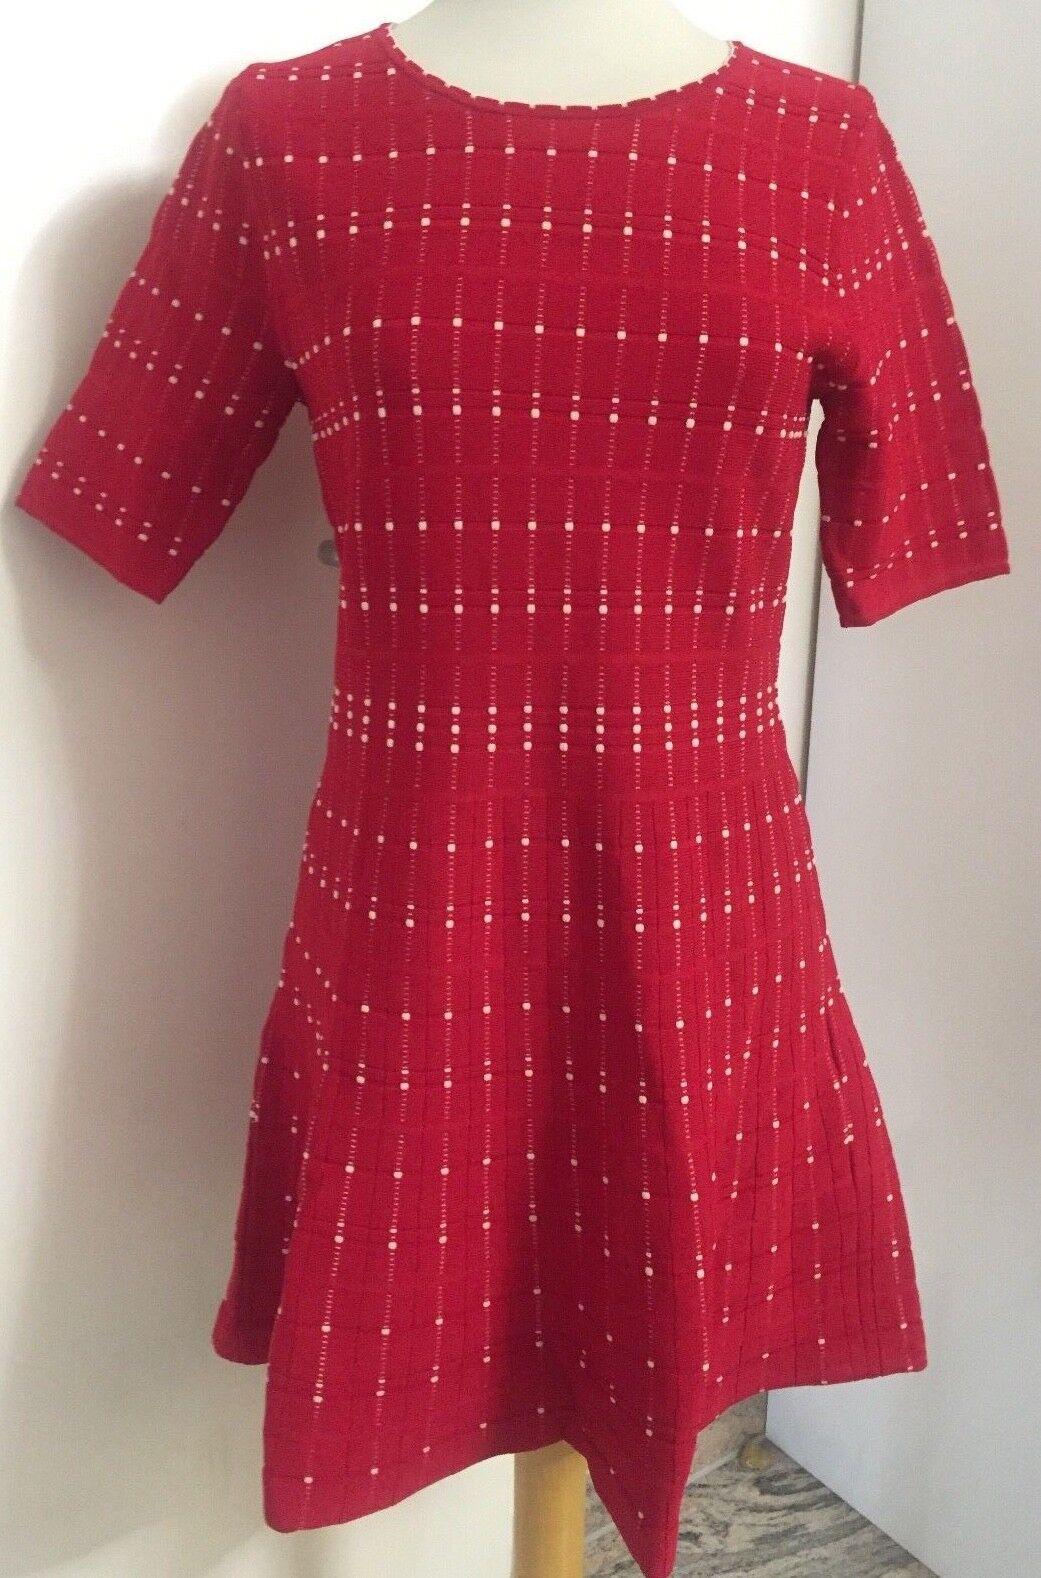 Christian Berg Bodycon Kleid Rot Weiß Gr. 40 Herve NEU mit Etikett NP 99,99